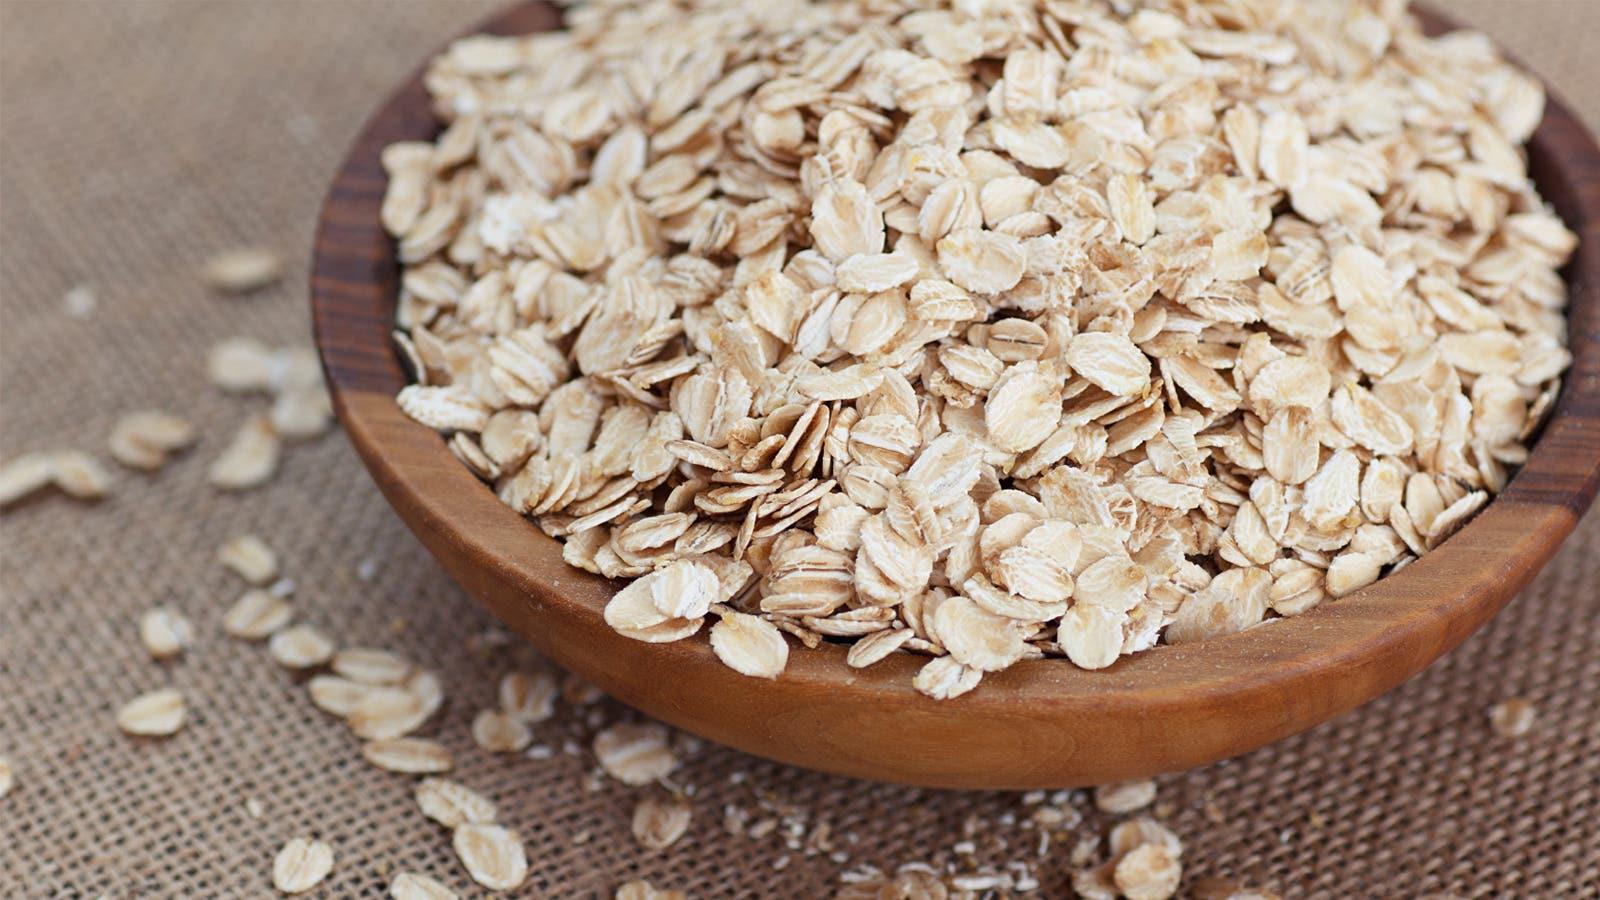 freeletics oats carbs